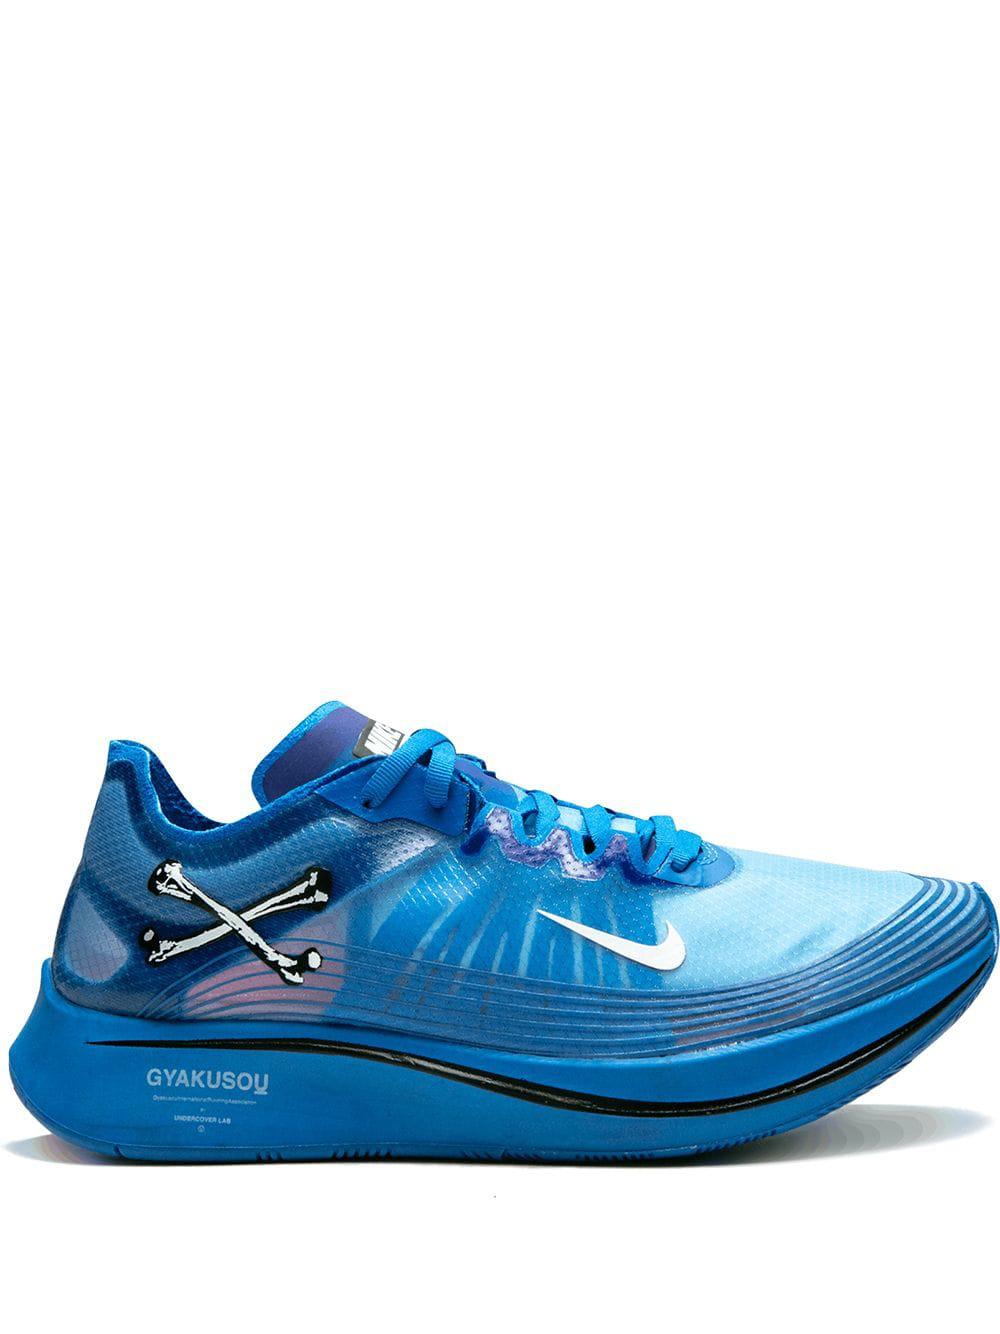 e74d8a94cf9d2 Nike + Gyakusou Zoom Fly Sp Ripstop Sneakers - Blue. Farfetch